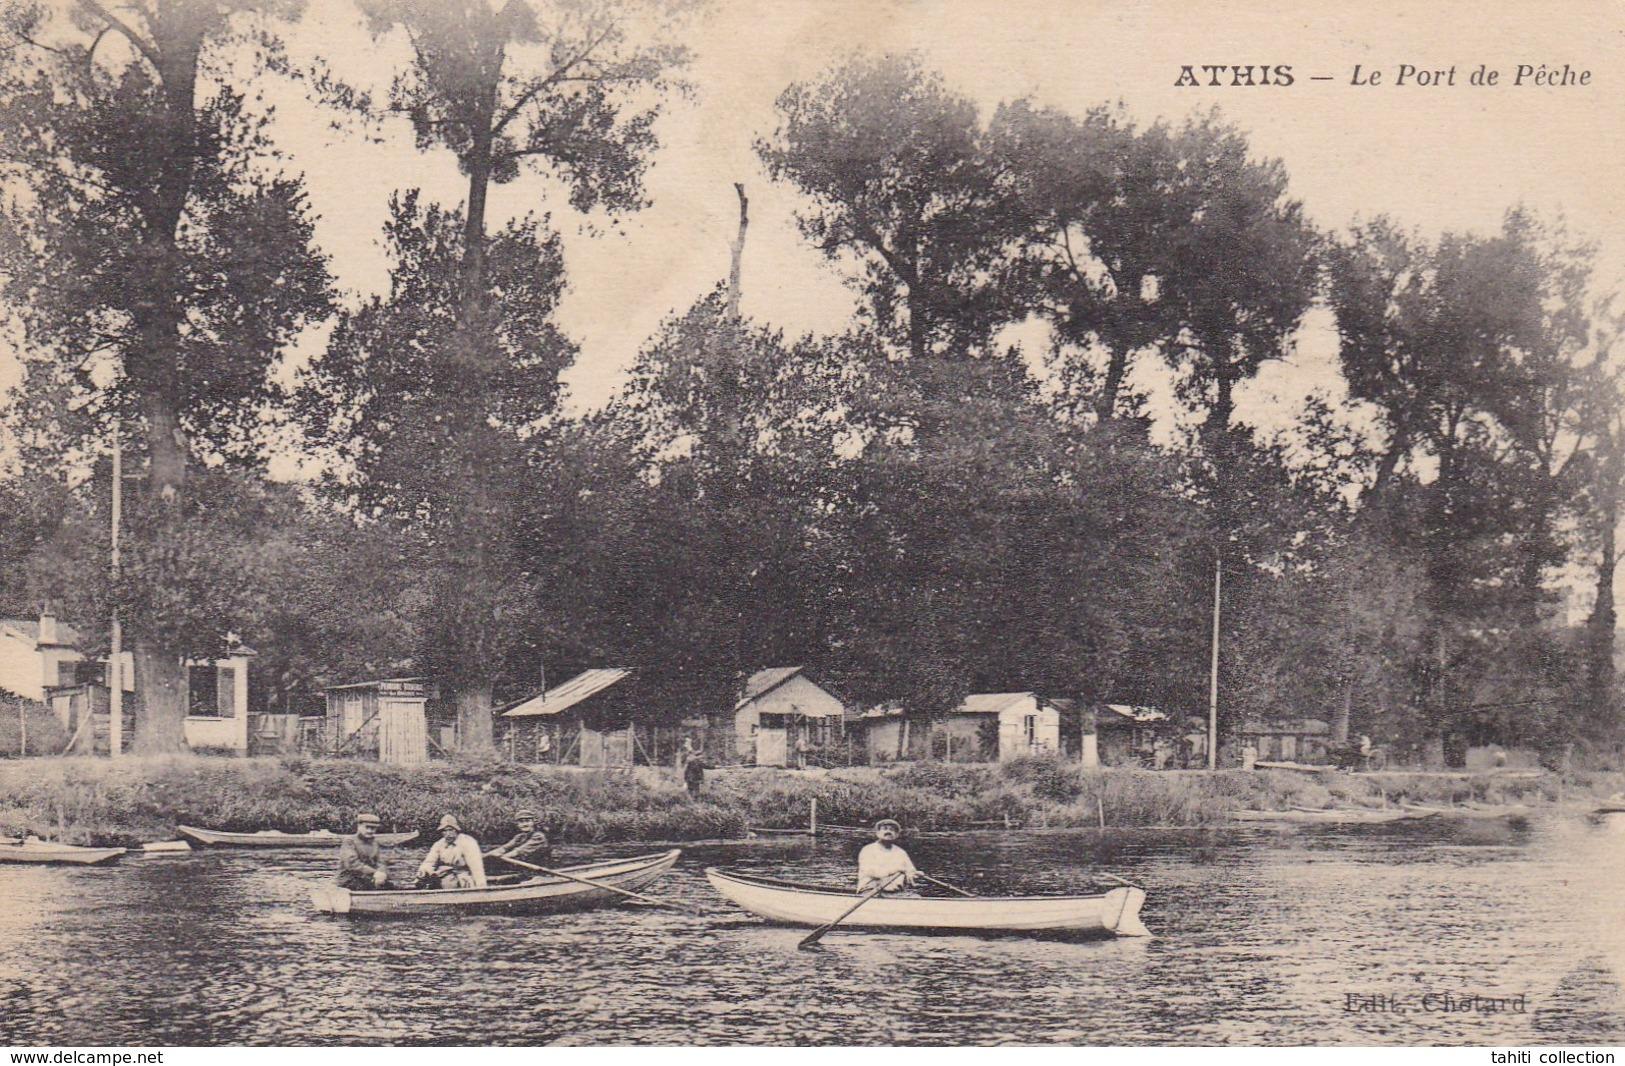 Le Port De Pêche. - Athis Mons